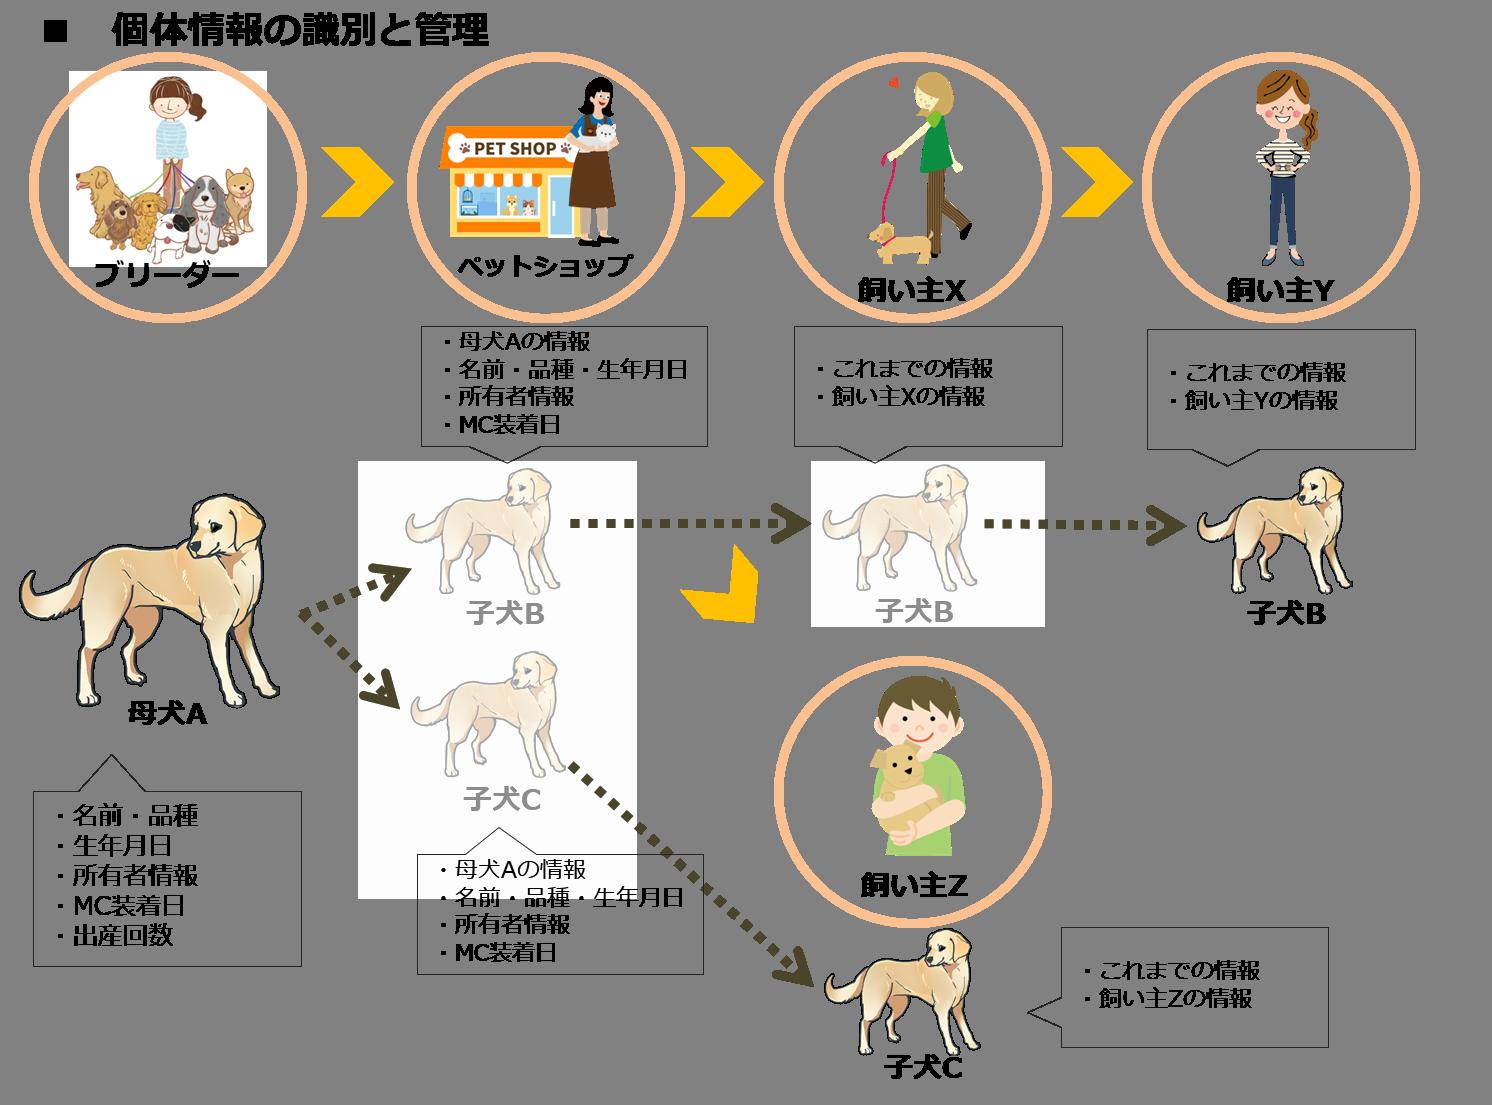 マイクロチップ、トレーサビリティ、犬・猫、動物愛護法改正、